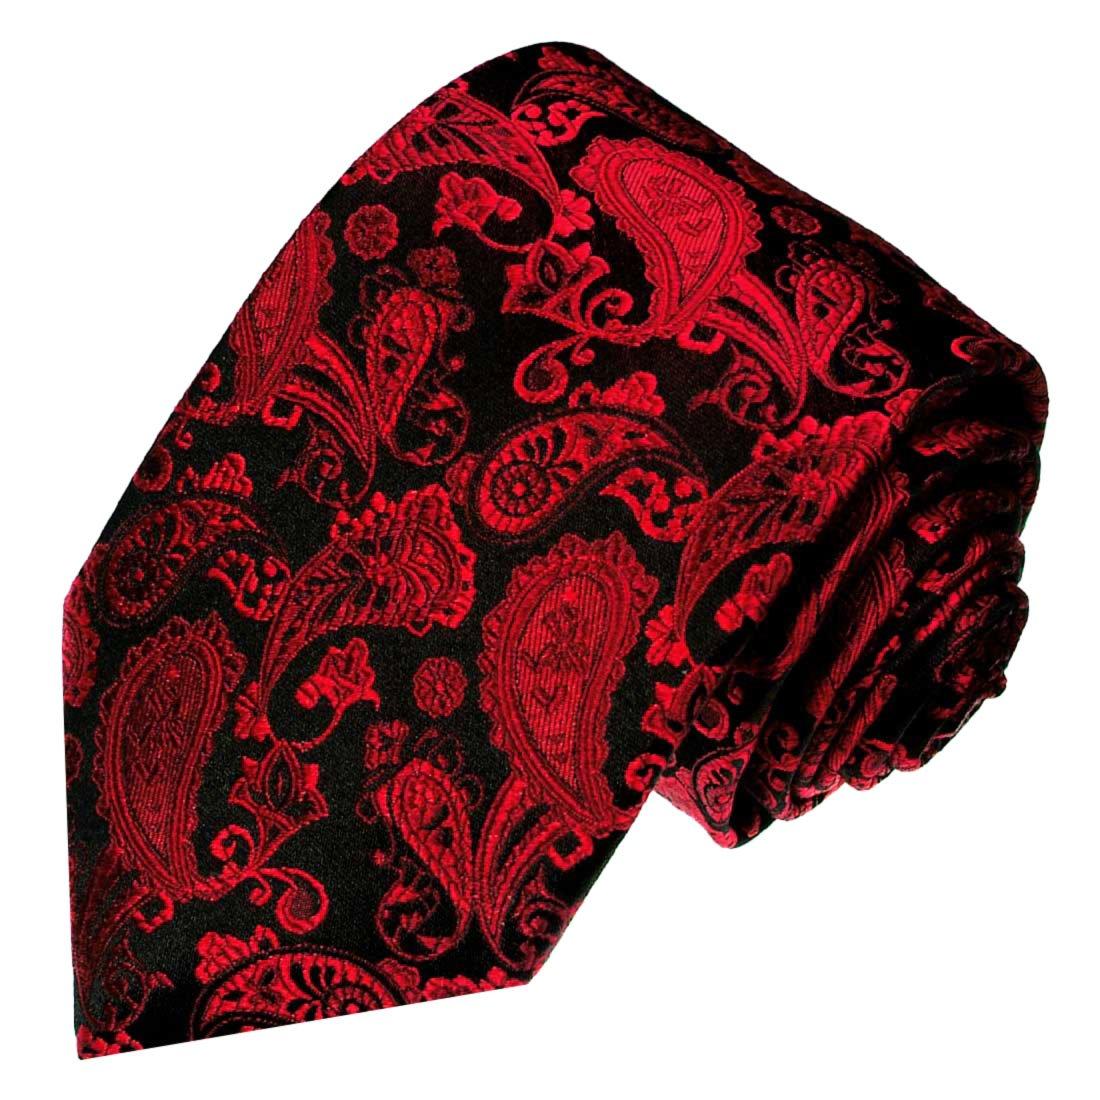 LORENZO CANA/ /Corbata 100/% seda rojo negro Paisely alta calidad hecha a mano seda corbata 84217 /Luxus/